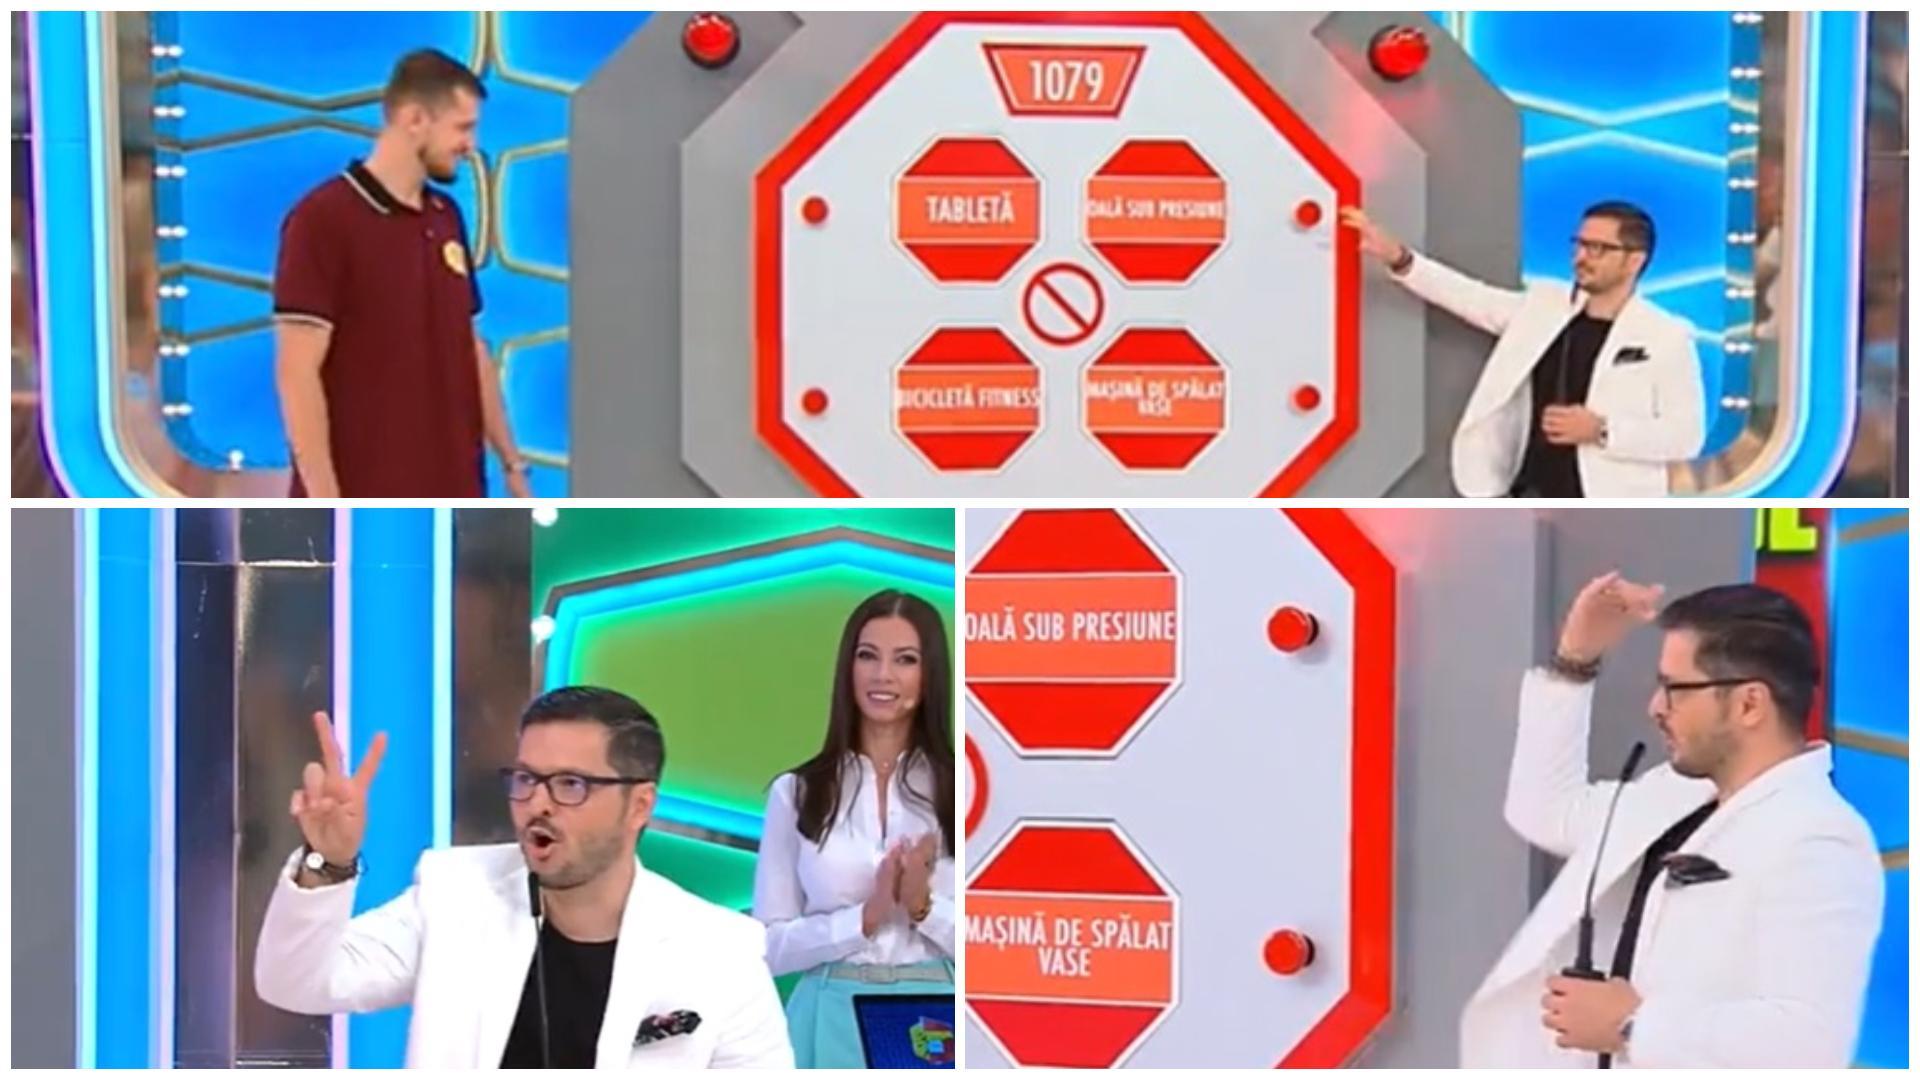 Prețul cel bun, 21 septembrie 2021. Ștefan a câștigat 4 premii și l-a uimit pe Liviu Vârciu cu înălțimea sa